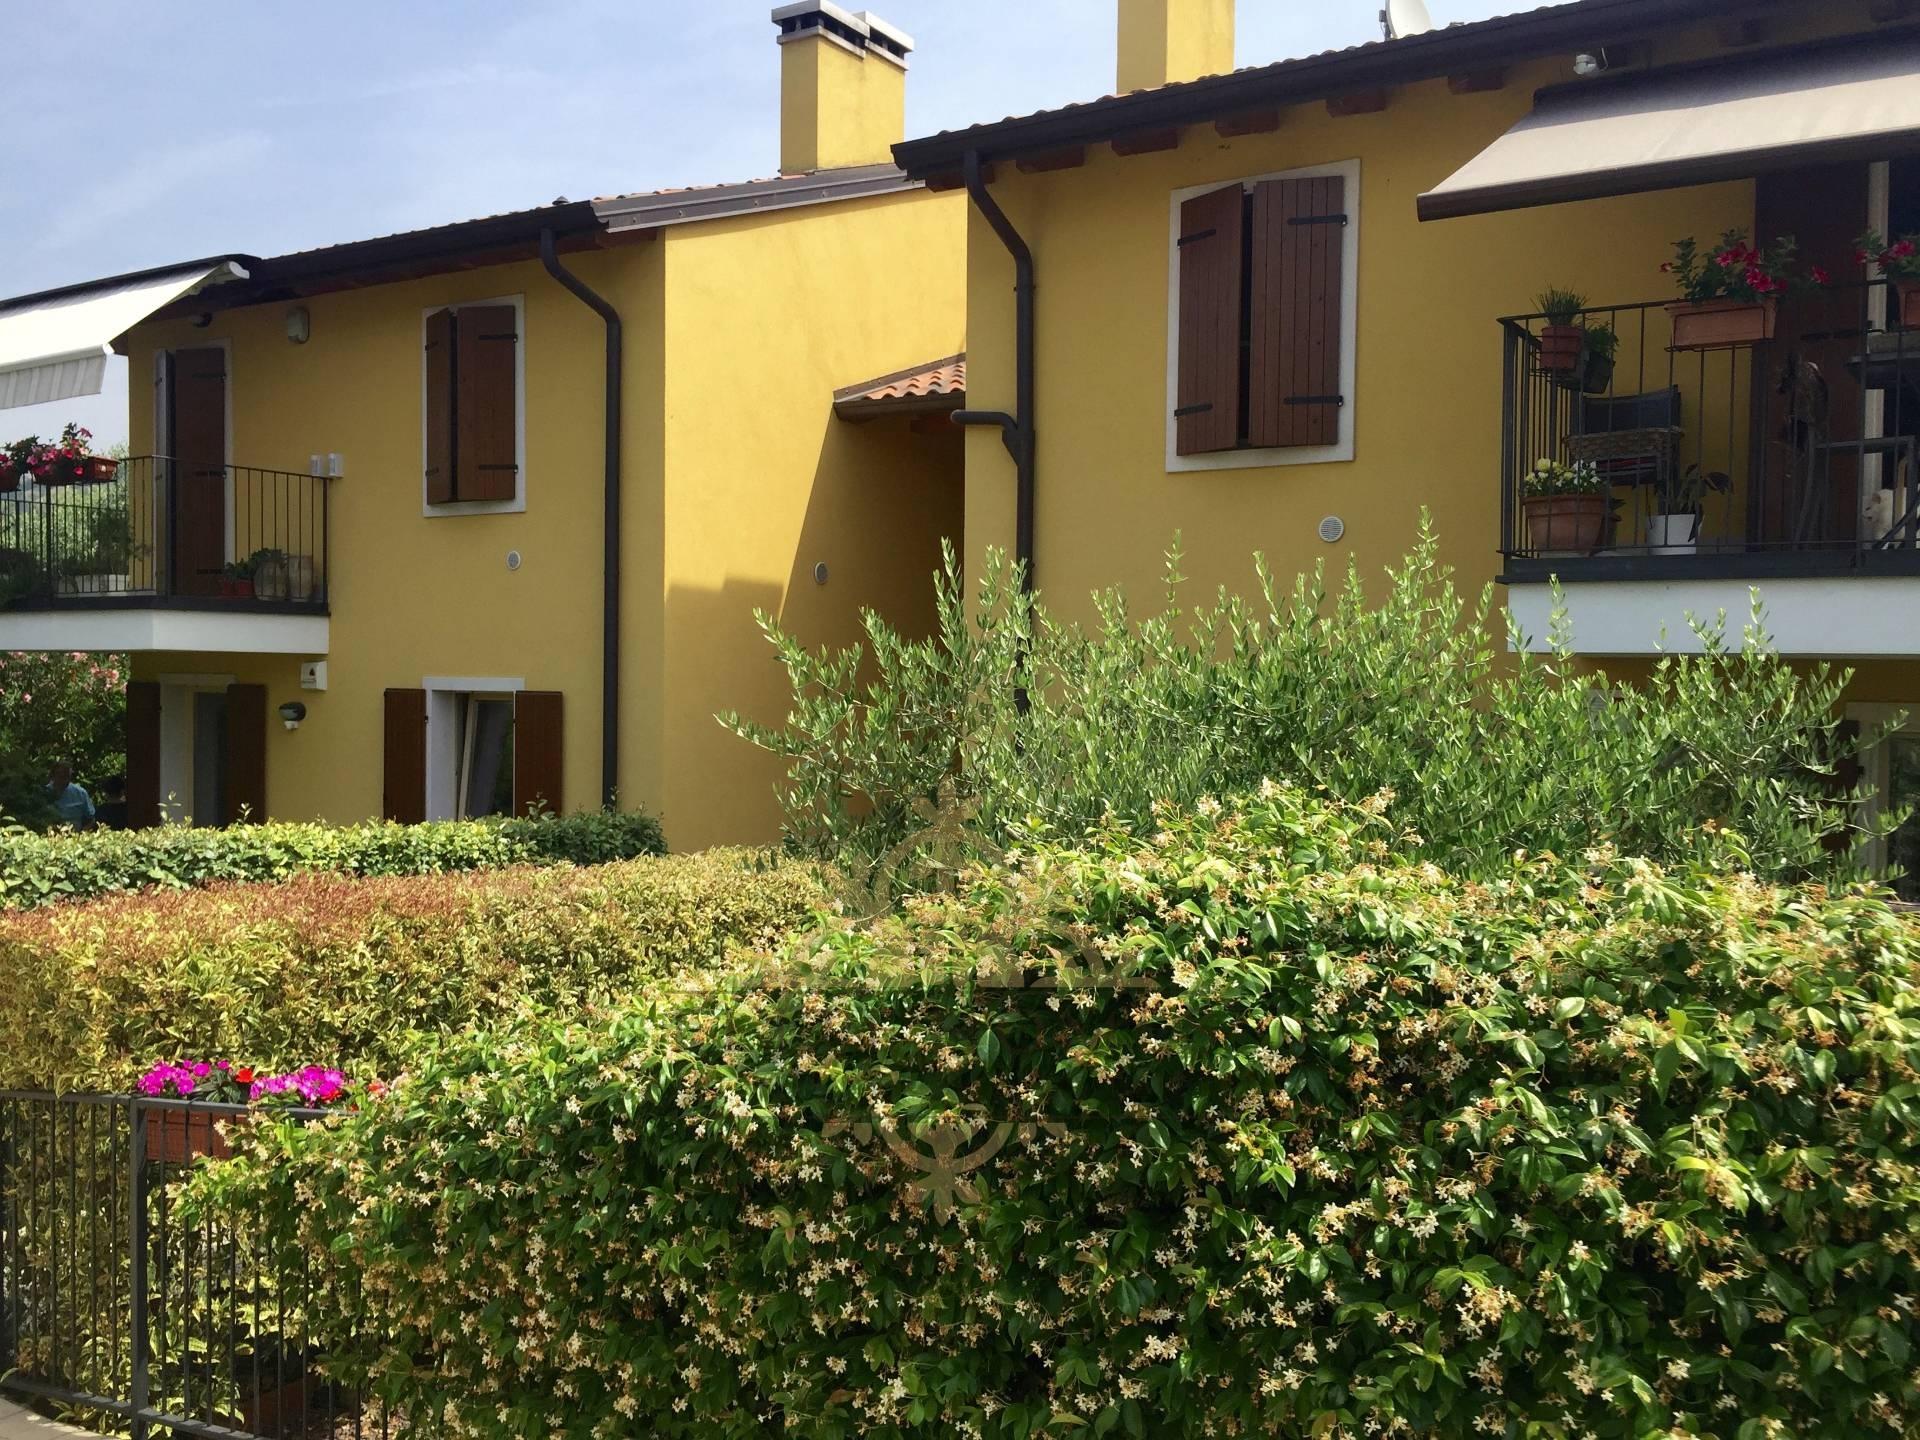 Appartamento in vendita a Cavaion Veronese, 4 locali, prezzo € 295.000 | CambioCasa.it